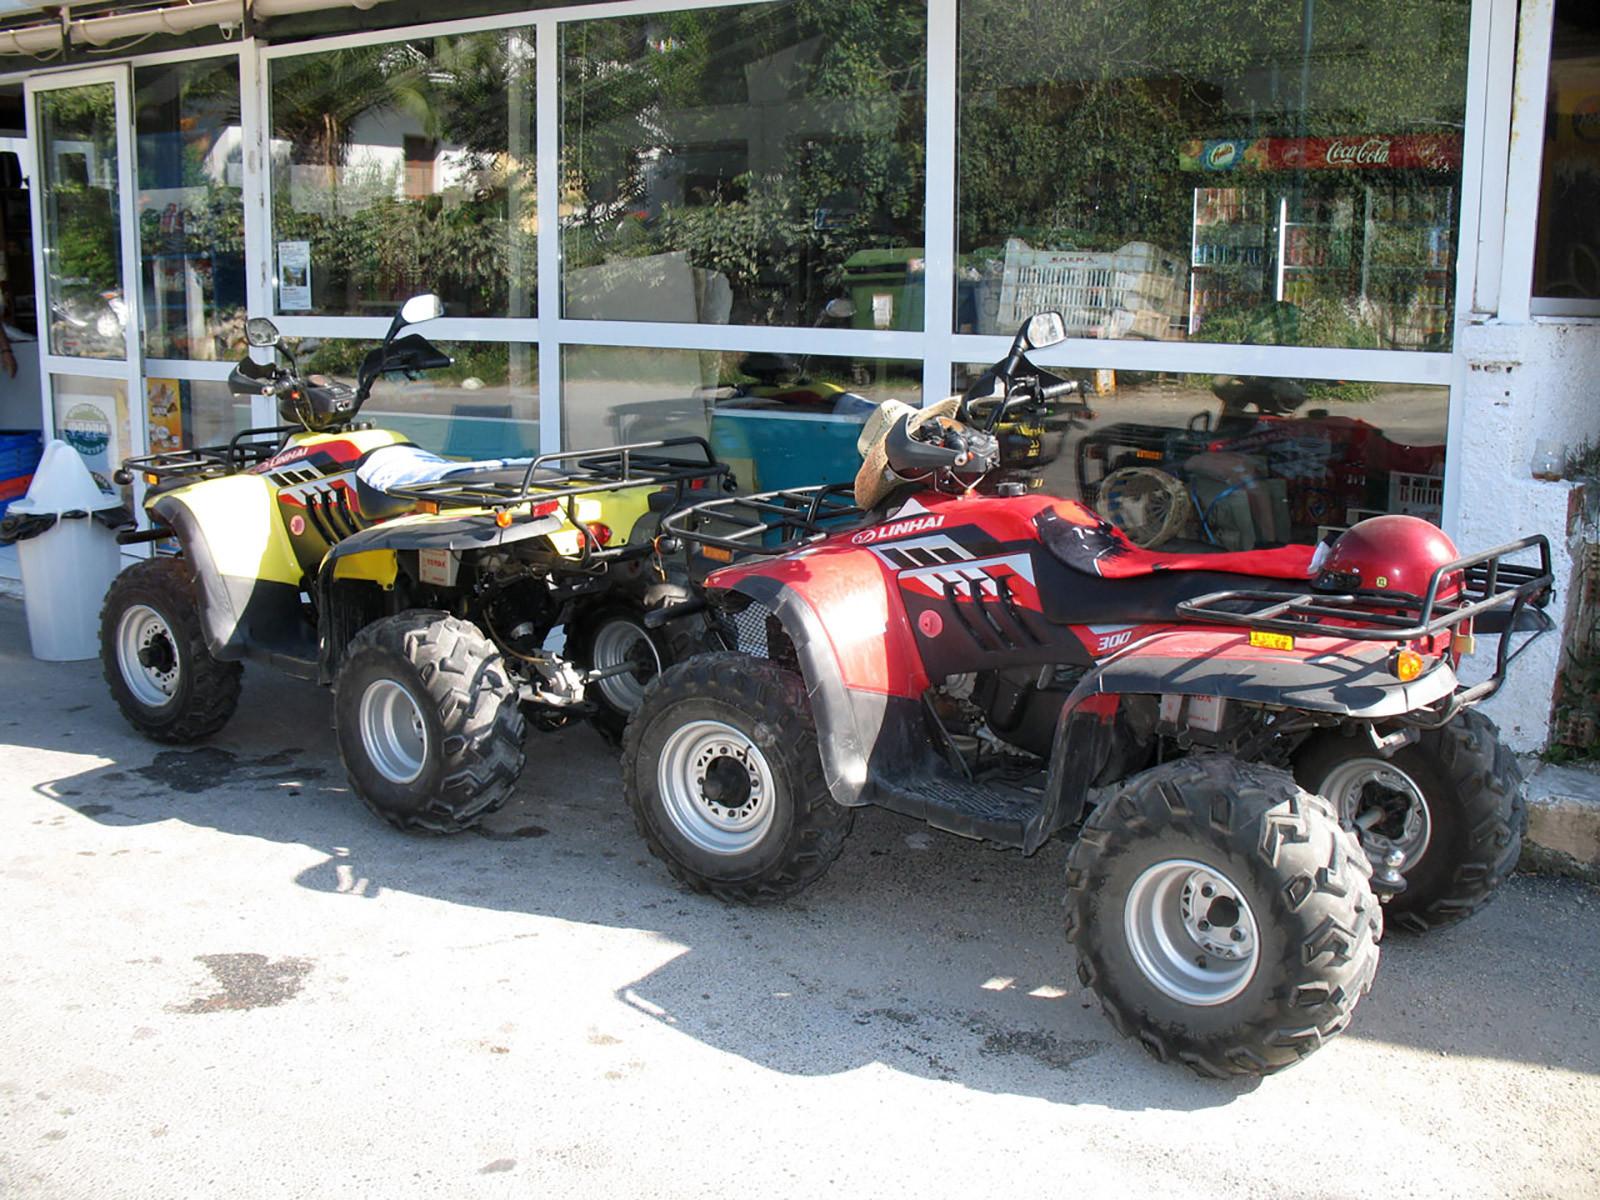 ATV - Phang Nga and Phuket